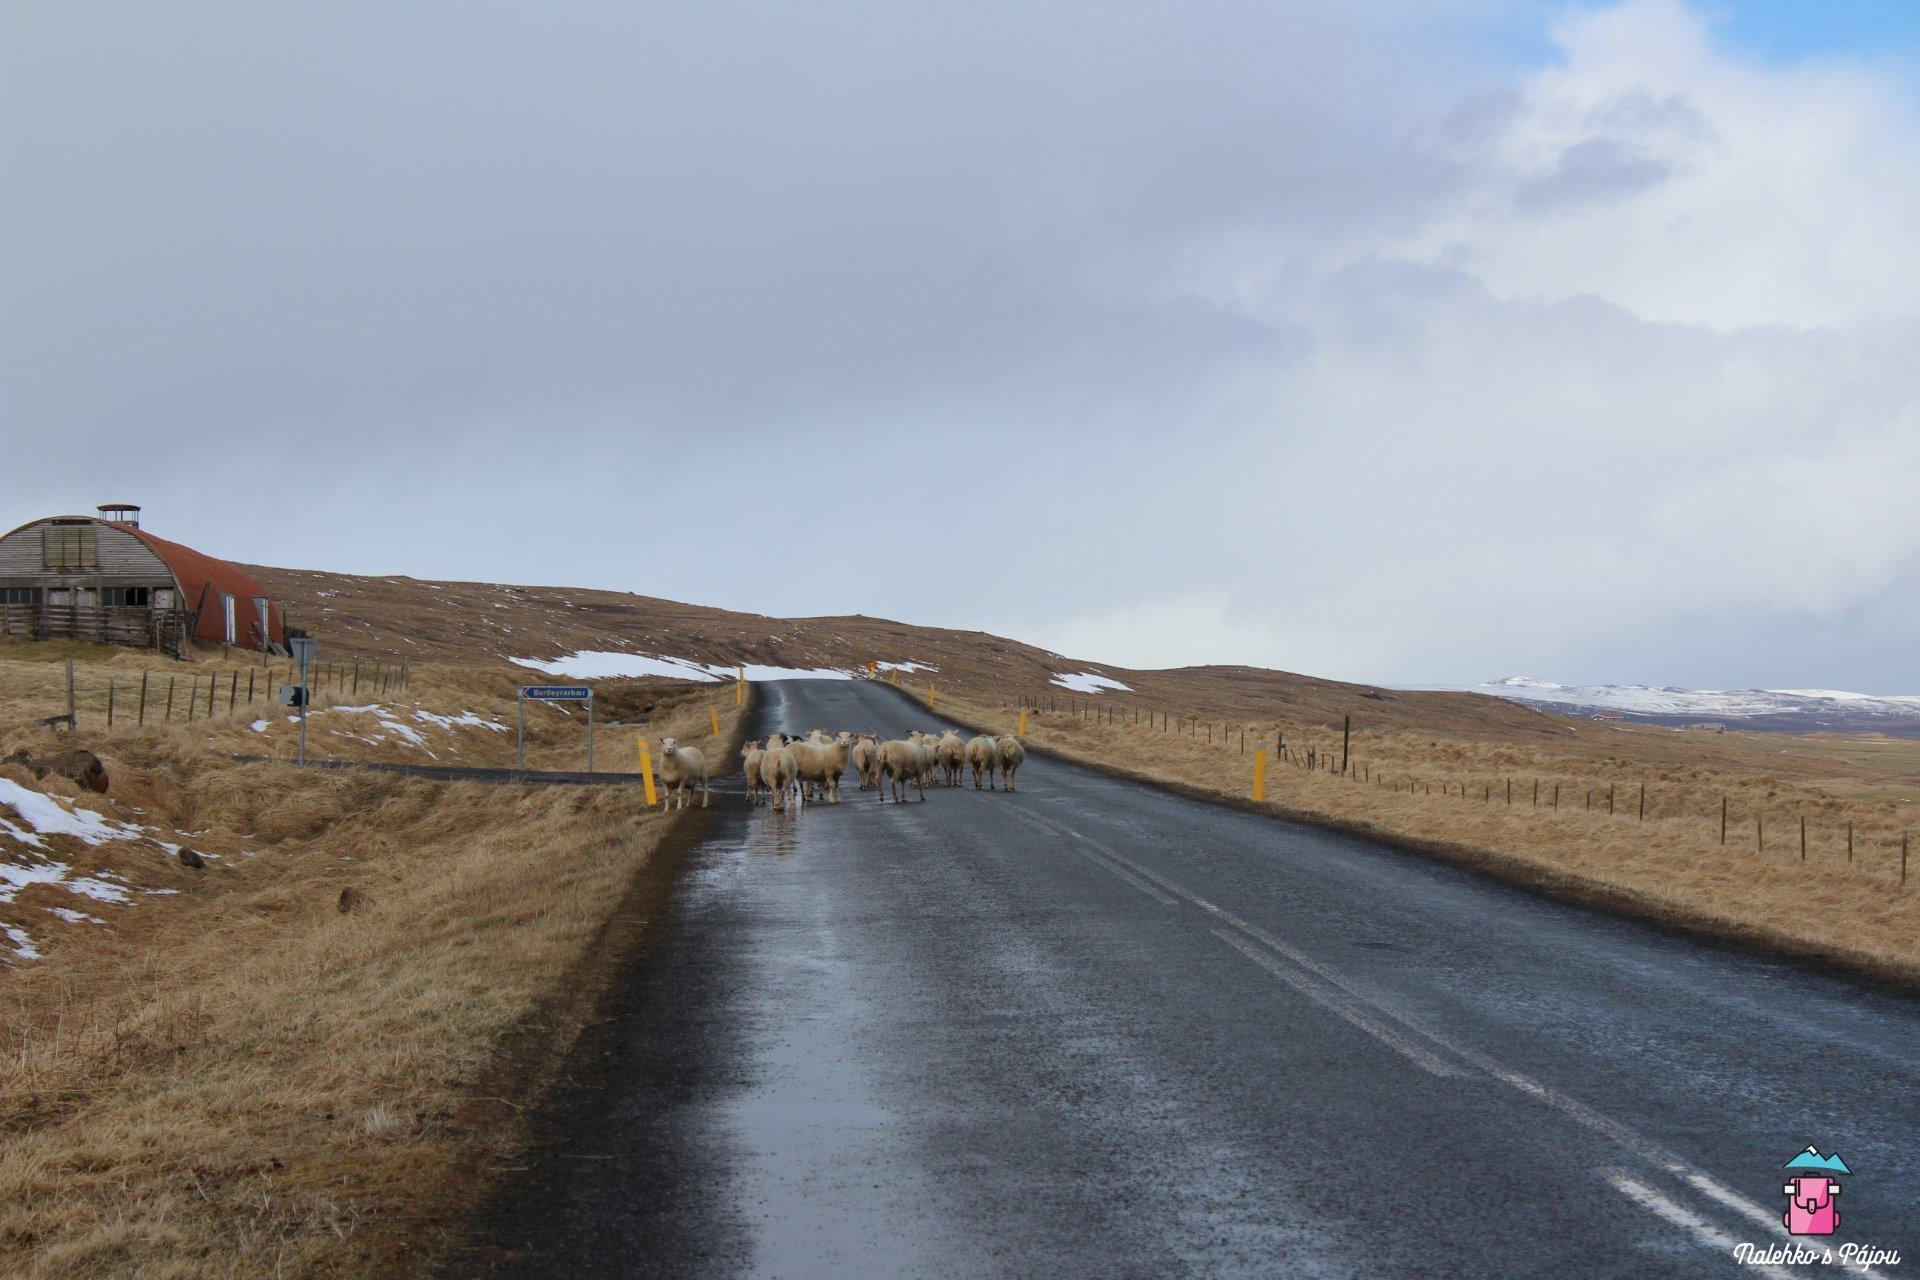 Cestu nám na chvíli zatarasily i ovce